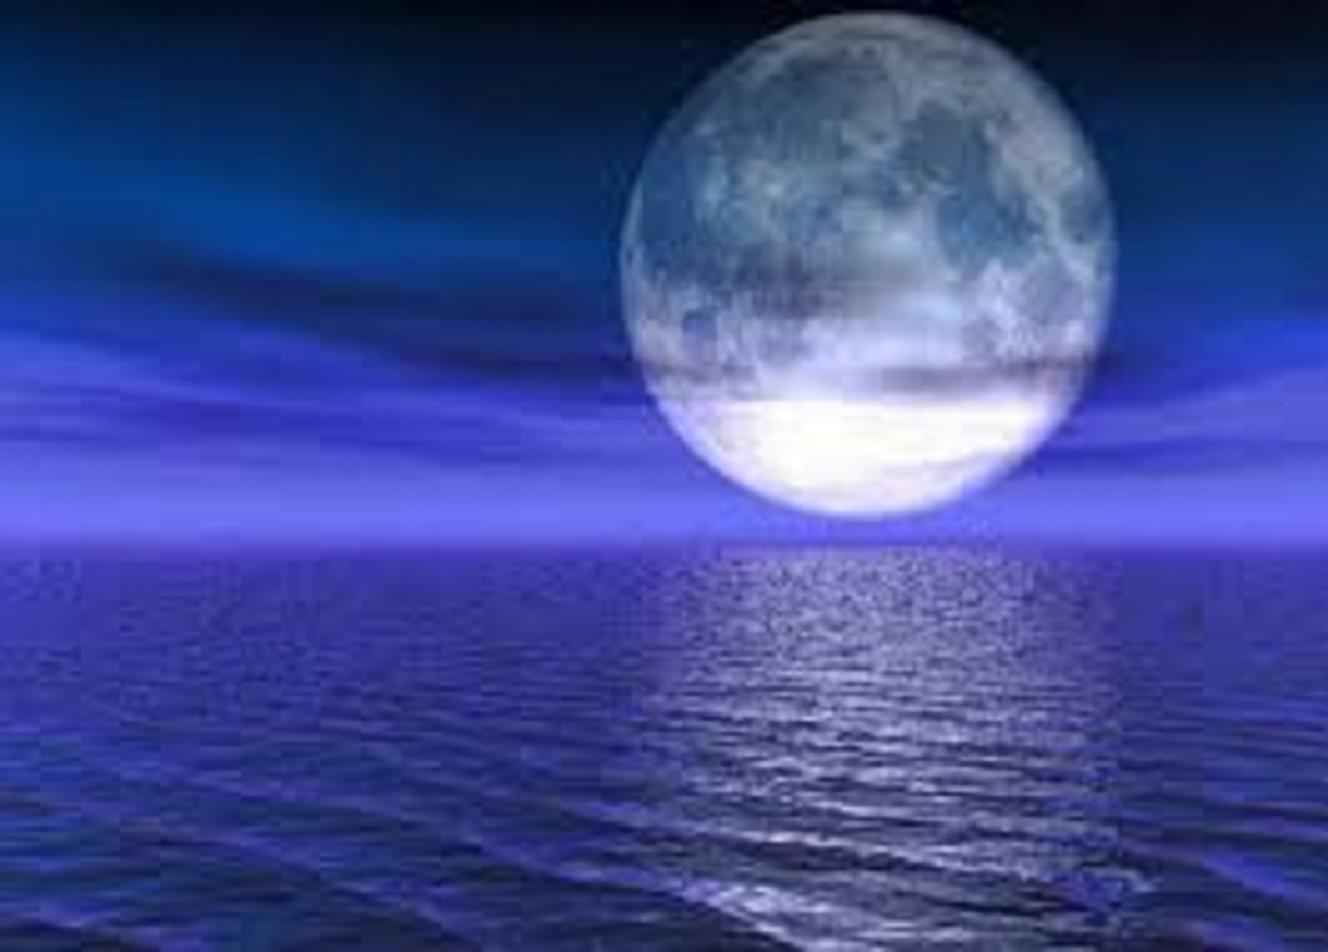 Καβοντορίτικον Φεγγάρι